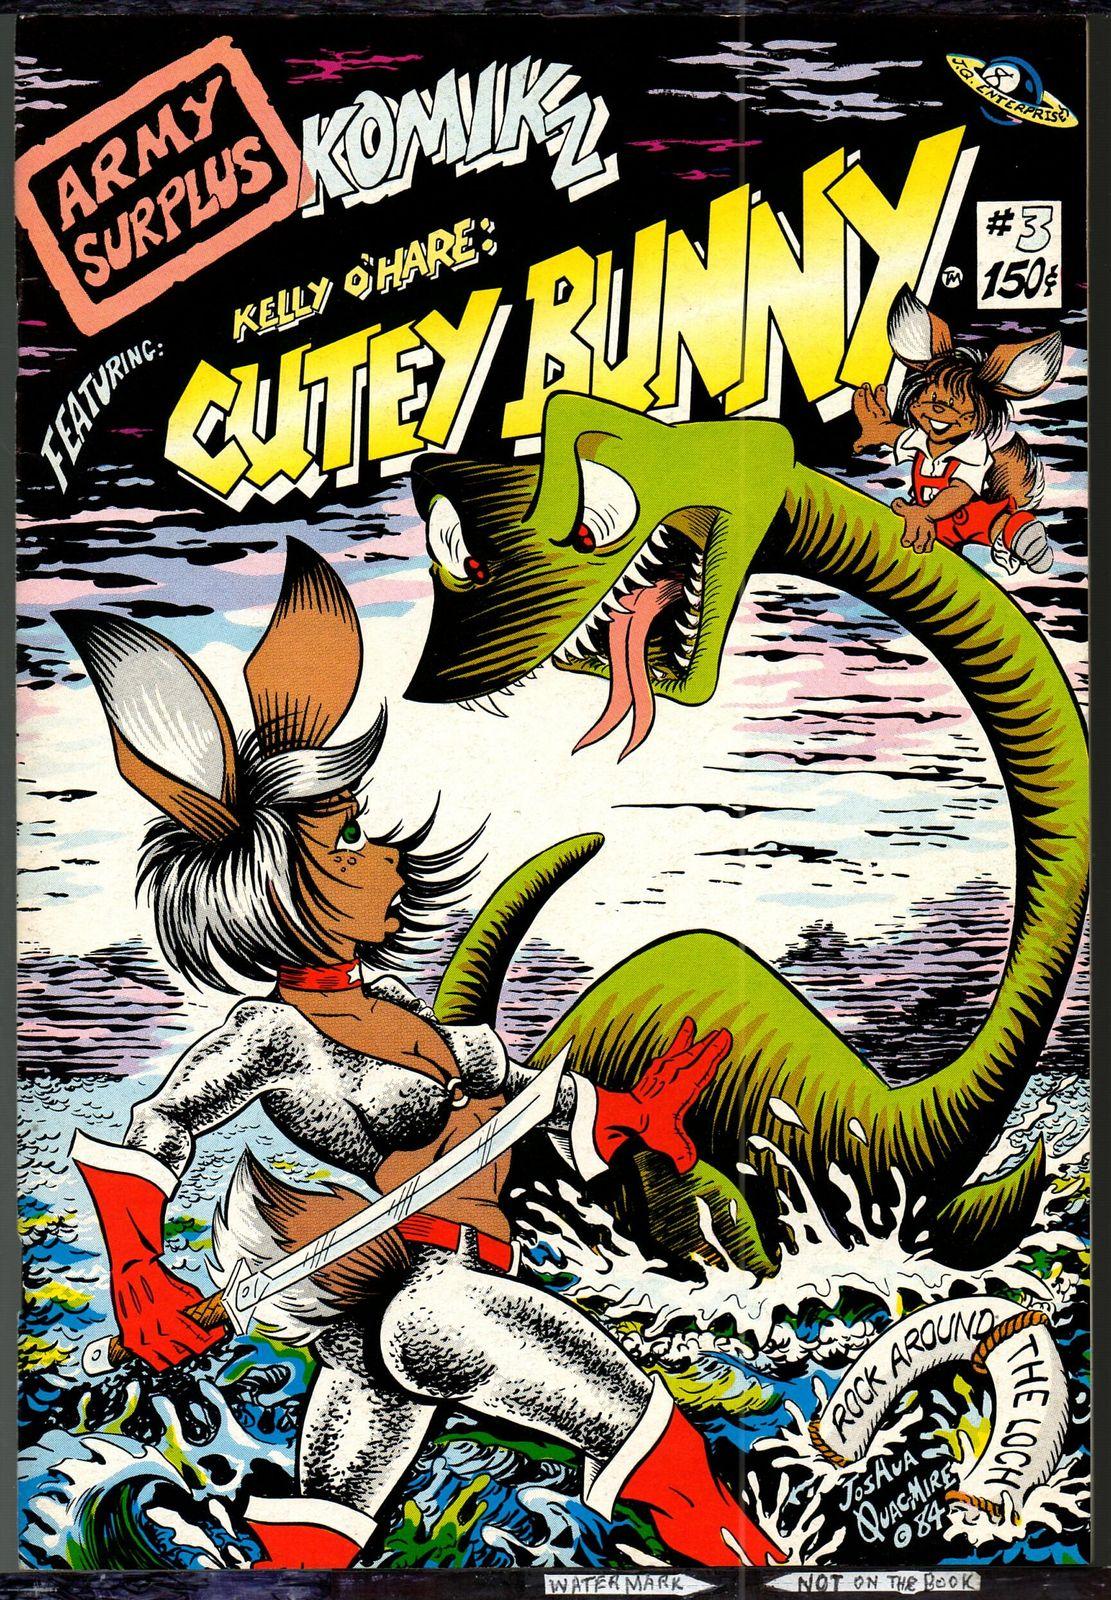 Army Surplus / Cutey Bunny 1,2,&3, Joshua Quagmire 1982-4,